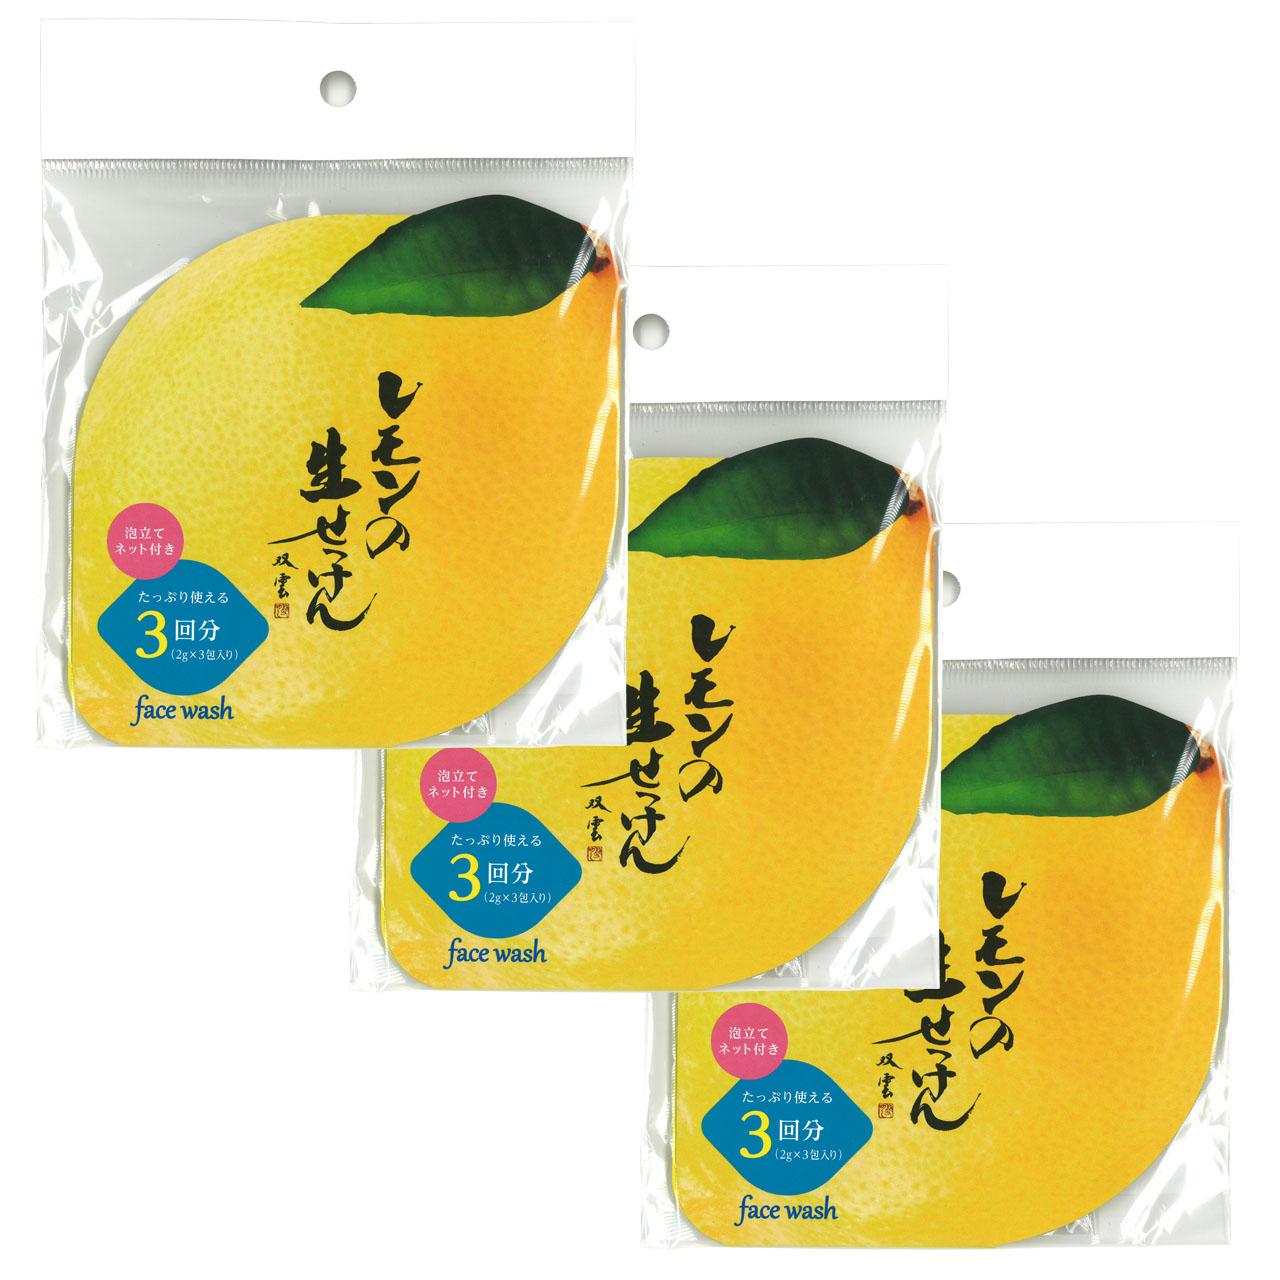 ■NEW■美香柑〜レモンの生せっけん3個セット(泡立てネット付)